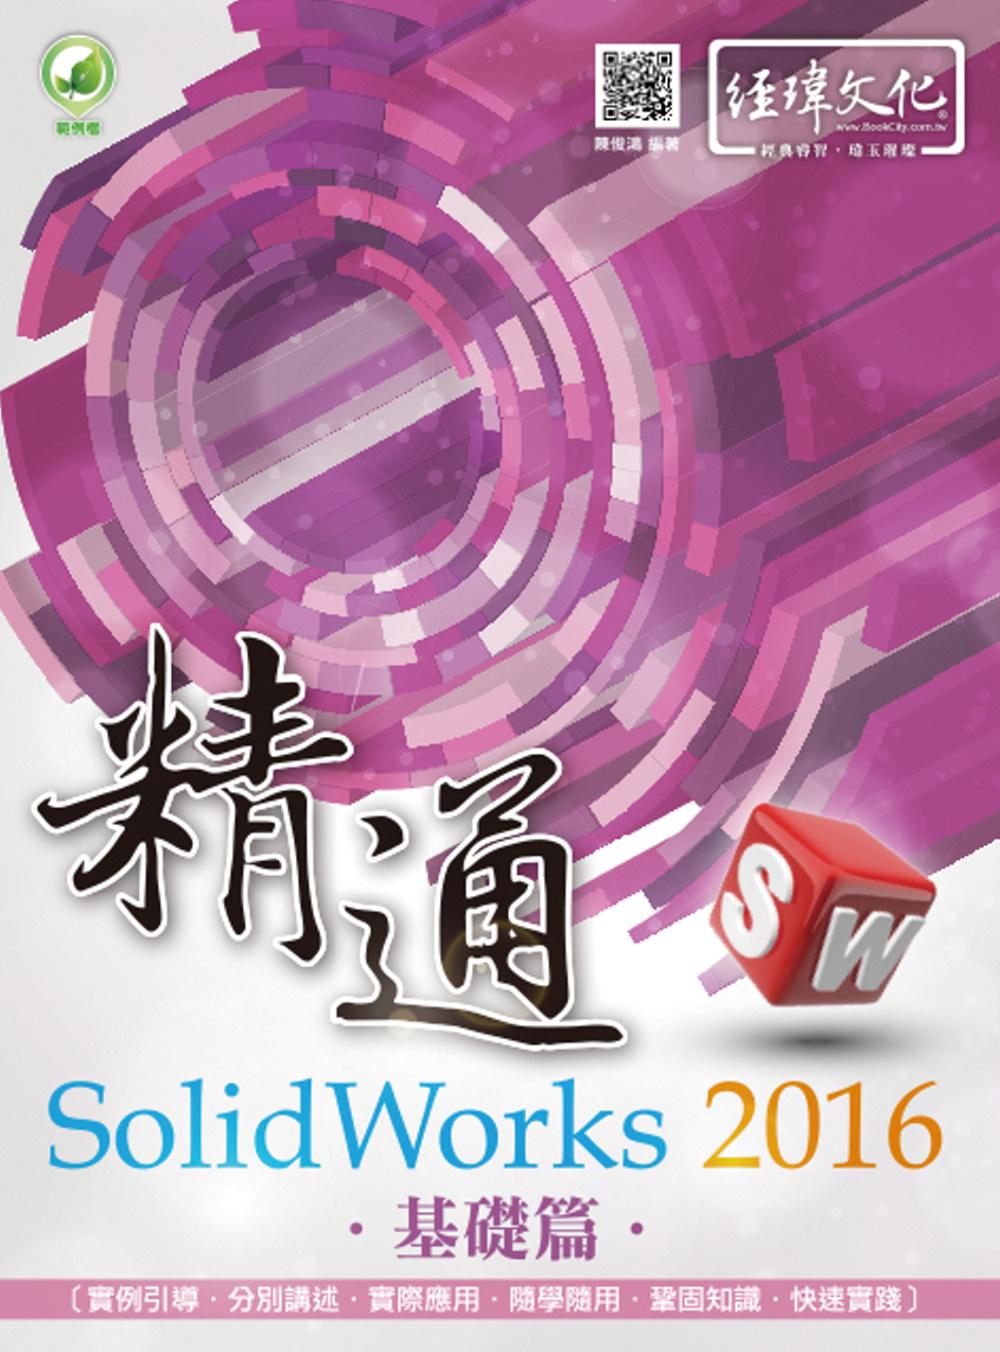 精通 SolidWorks 2016:基礎篇(附綠色範例檔)